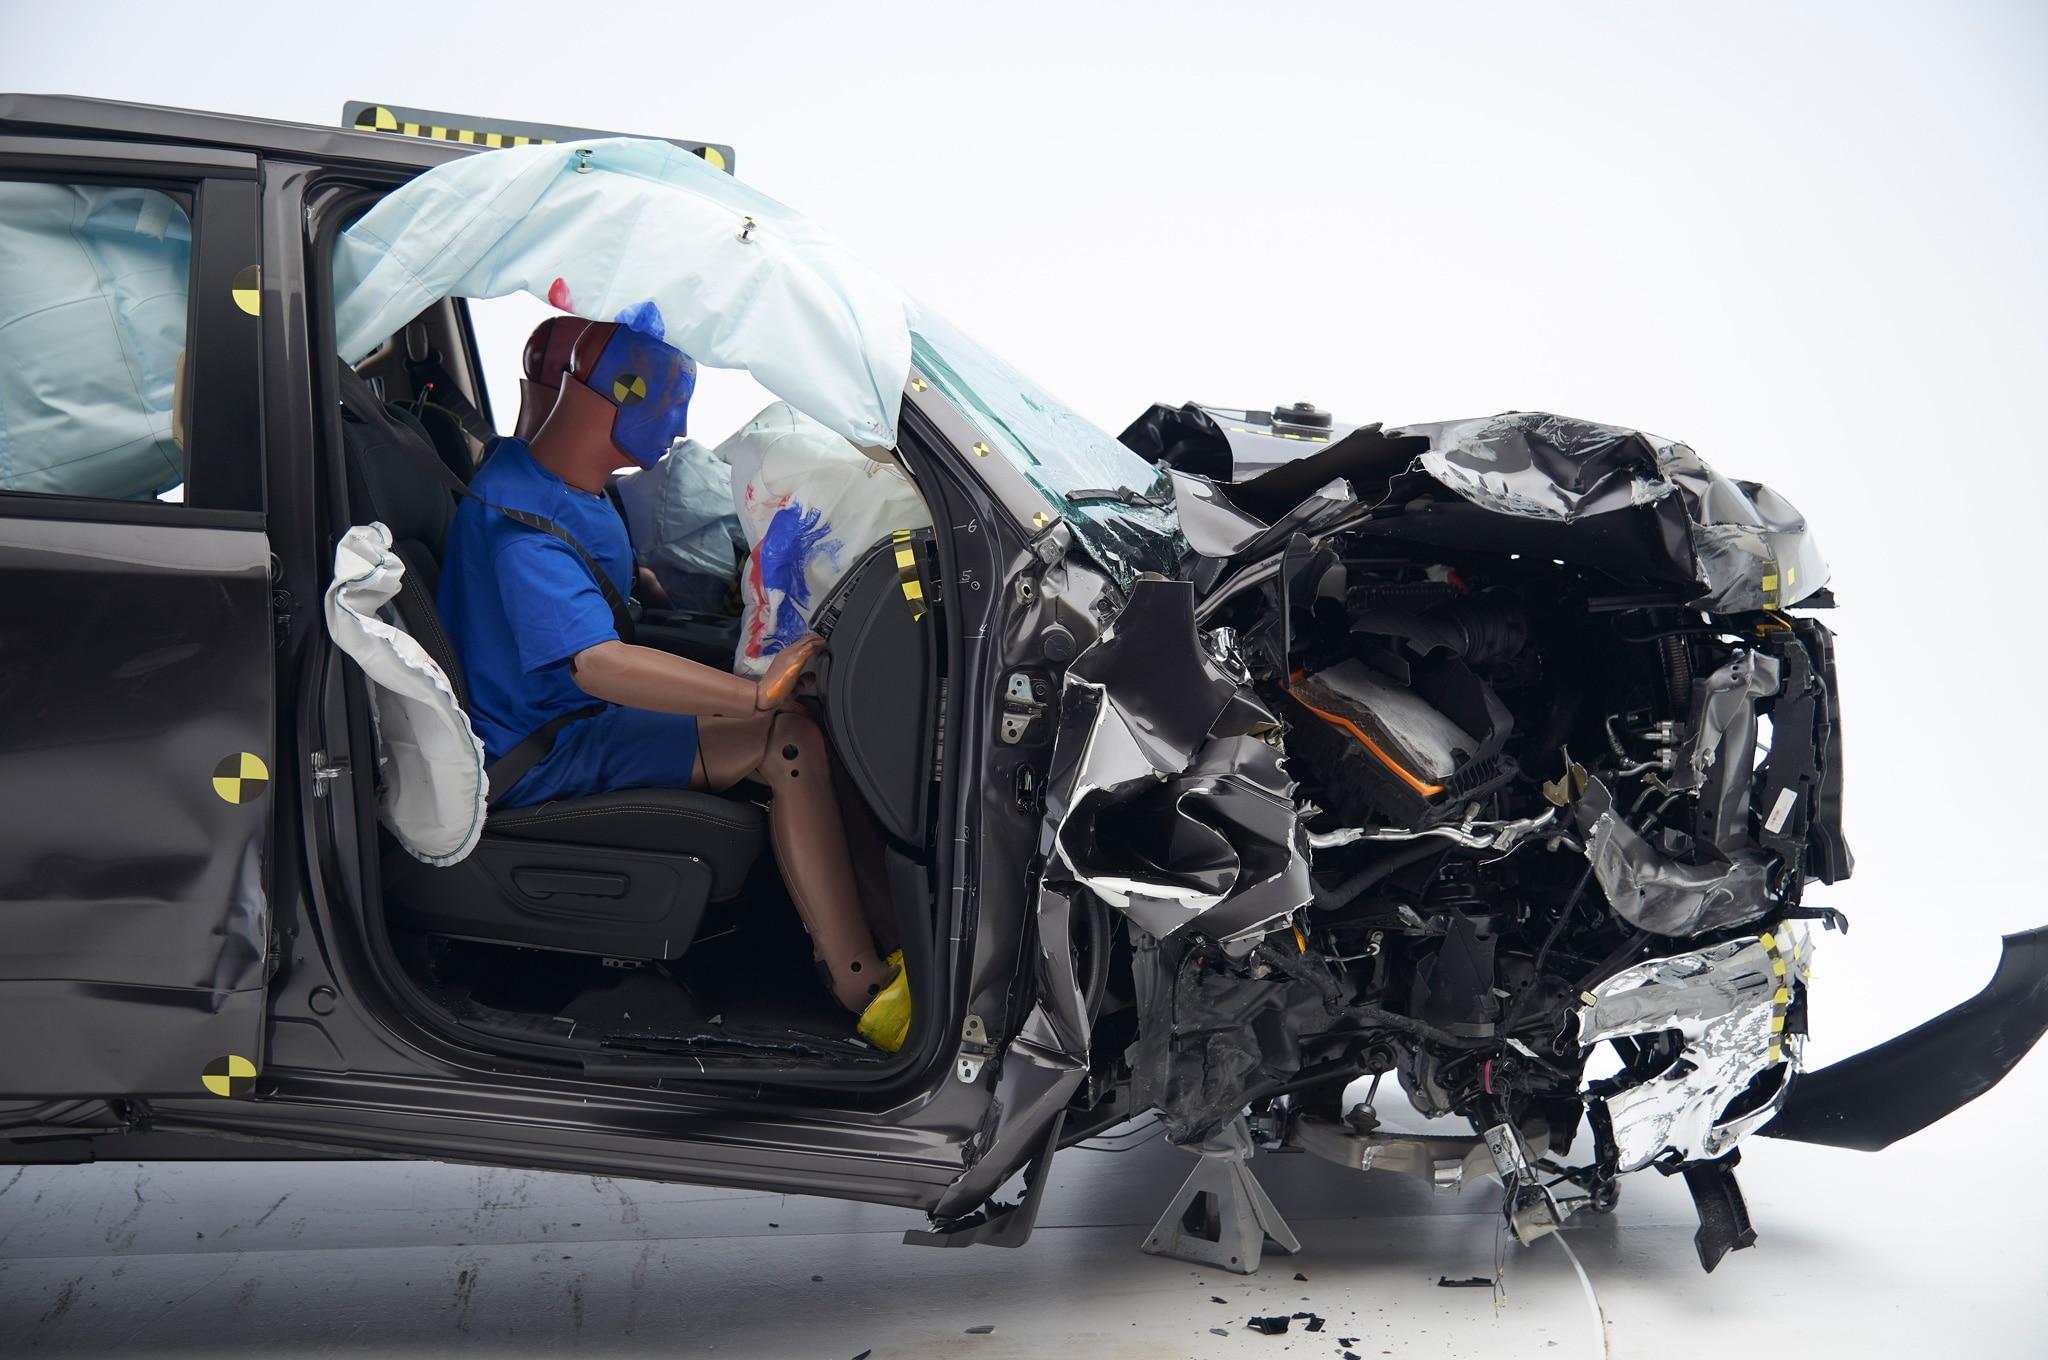 2019 Ram 1500 Aces Iihs Crash Tests Headlights Fall Short